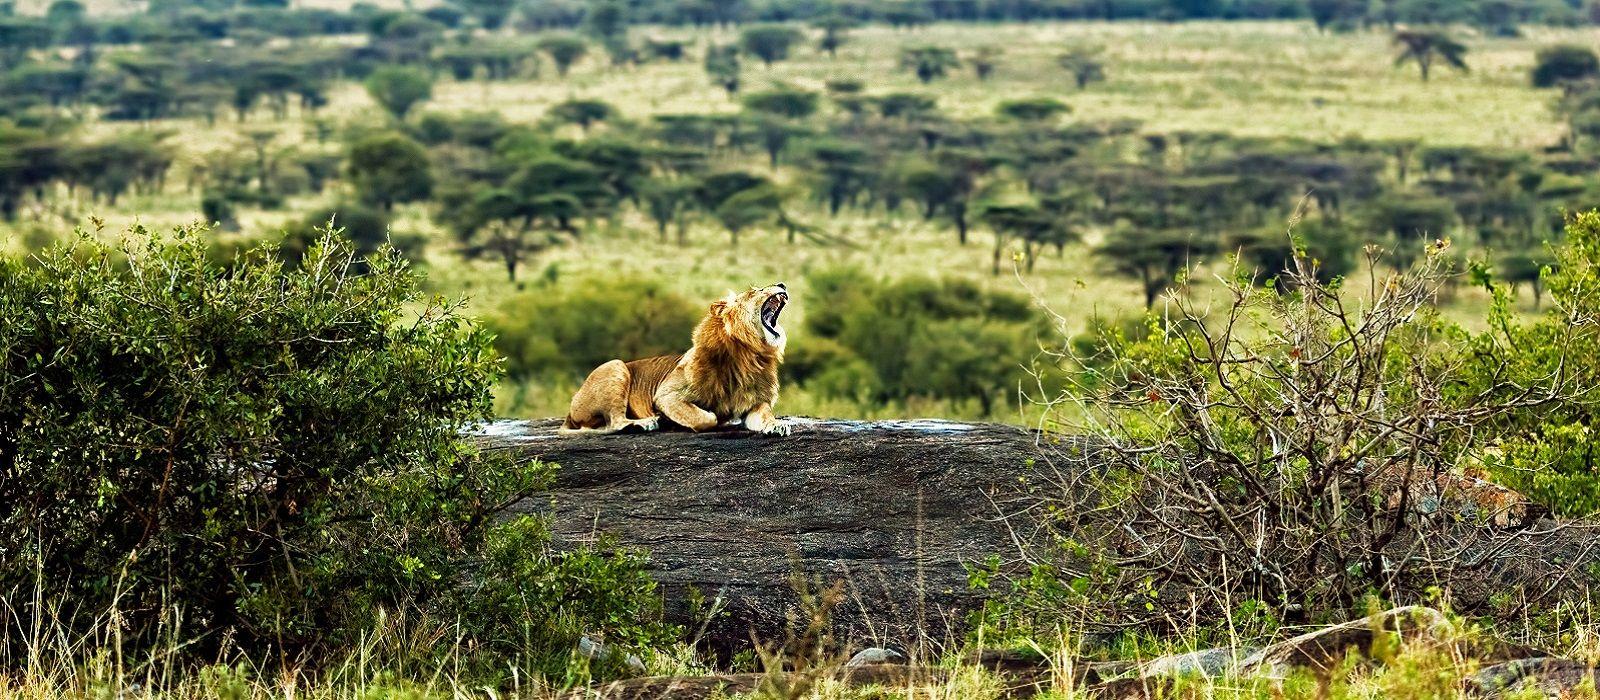 Vom Kilimanjaro zum Viktoriasee Urlaub 4